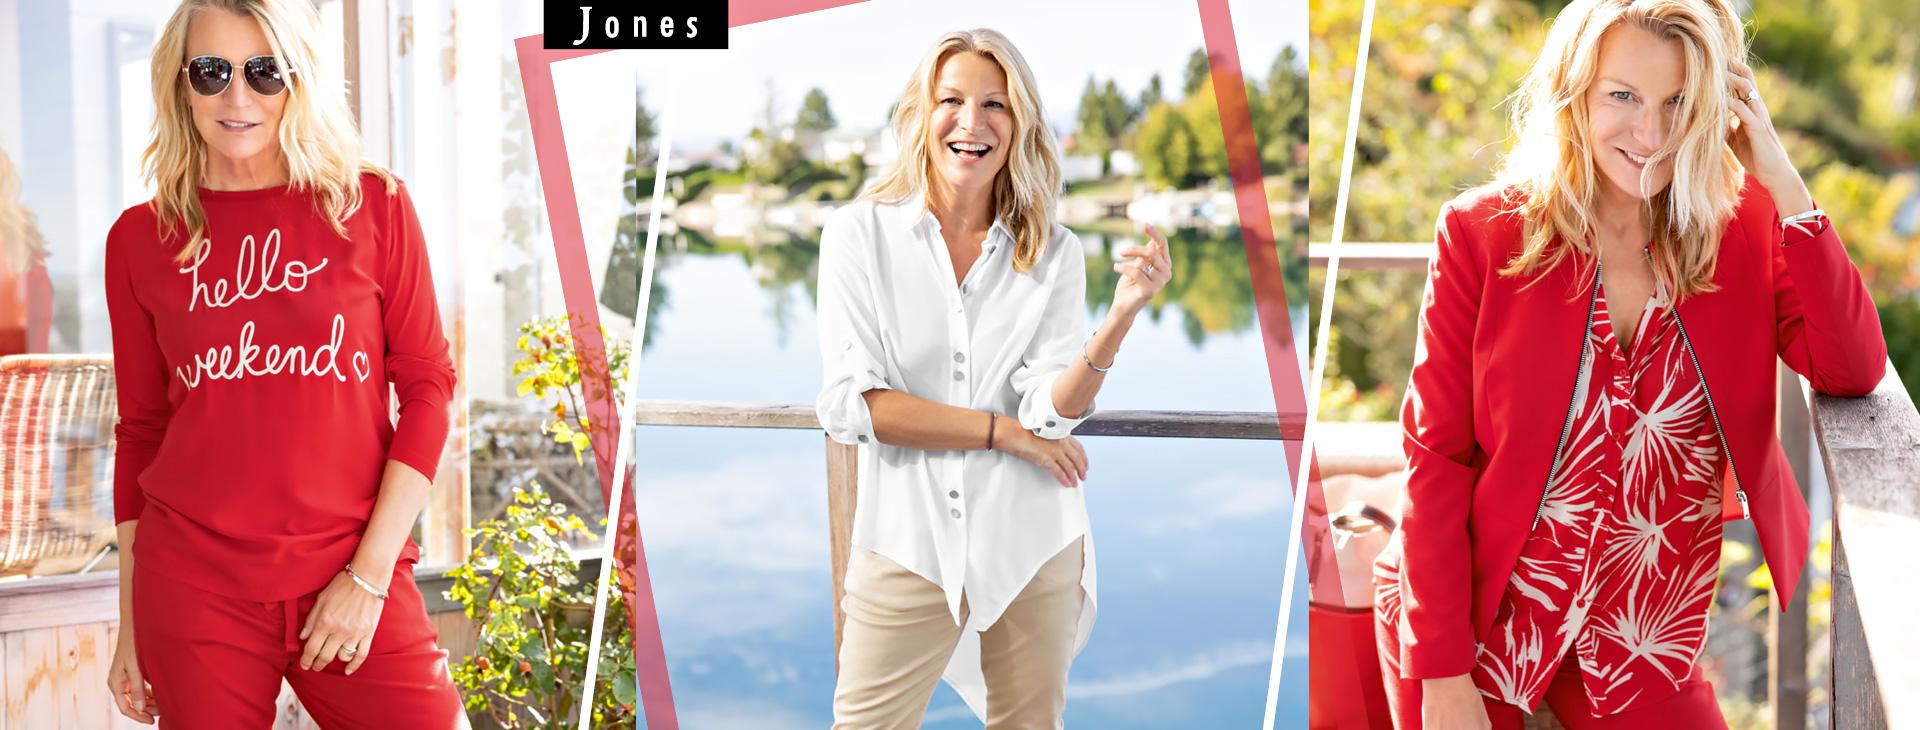 JONES - Práce designérů značky Jones je poháněna vášní pro prvotřídní dámskou módu i nejnovější trendy. Každoročně uvede na trh více než 20 kolekcí, které nabízí společenskou módu i pohodlné volnočasové outfity.